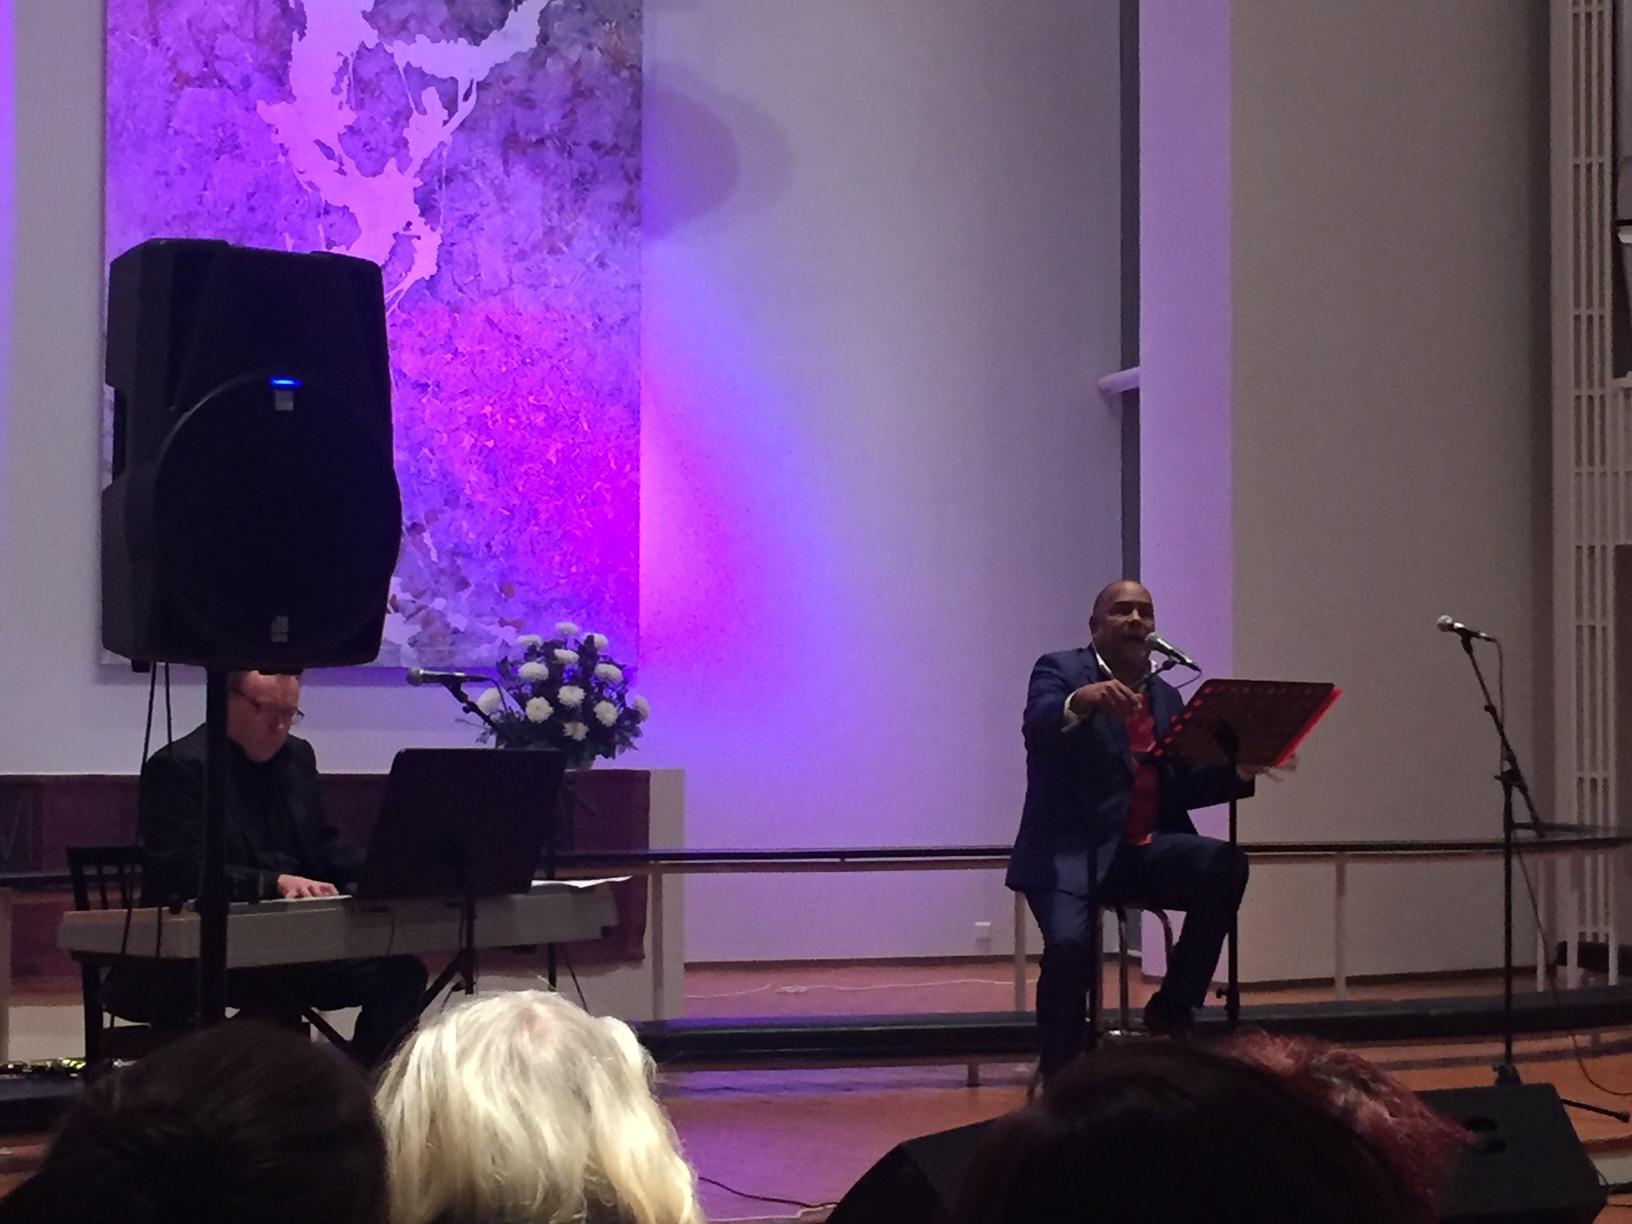 VIDEO: Ilus Jõulukontsert Espoos – kohale tuli sadu inimesi